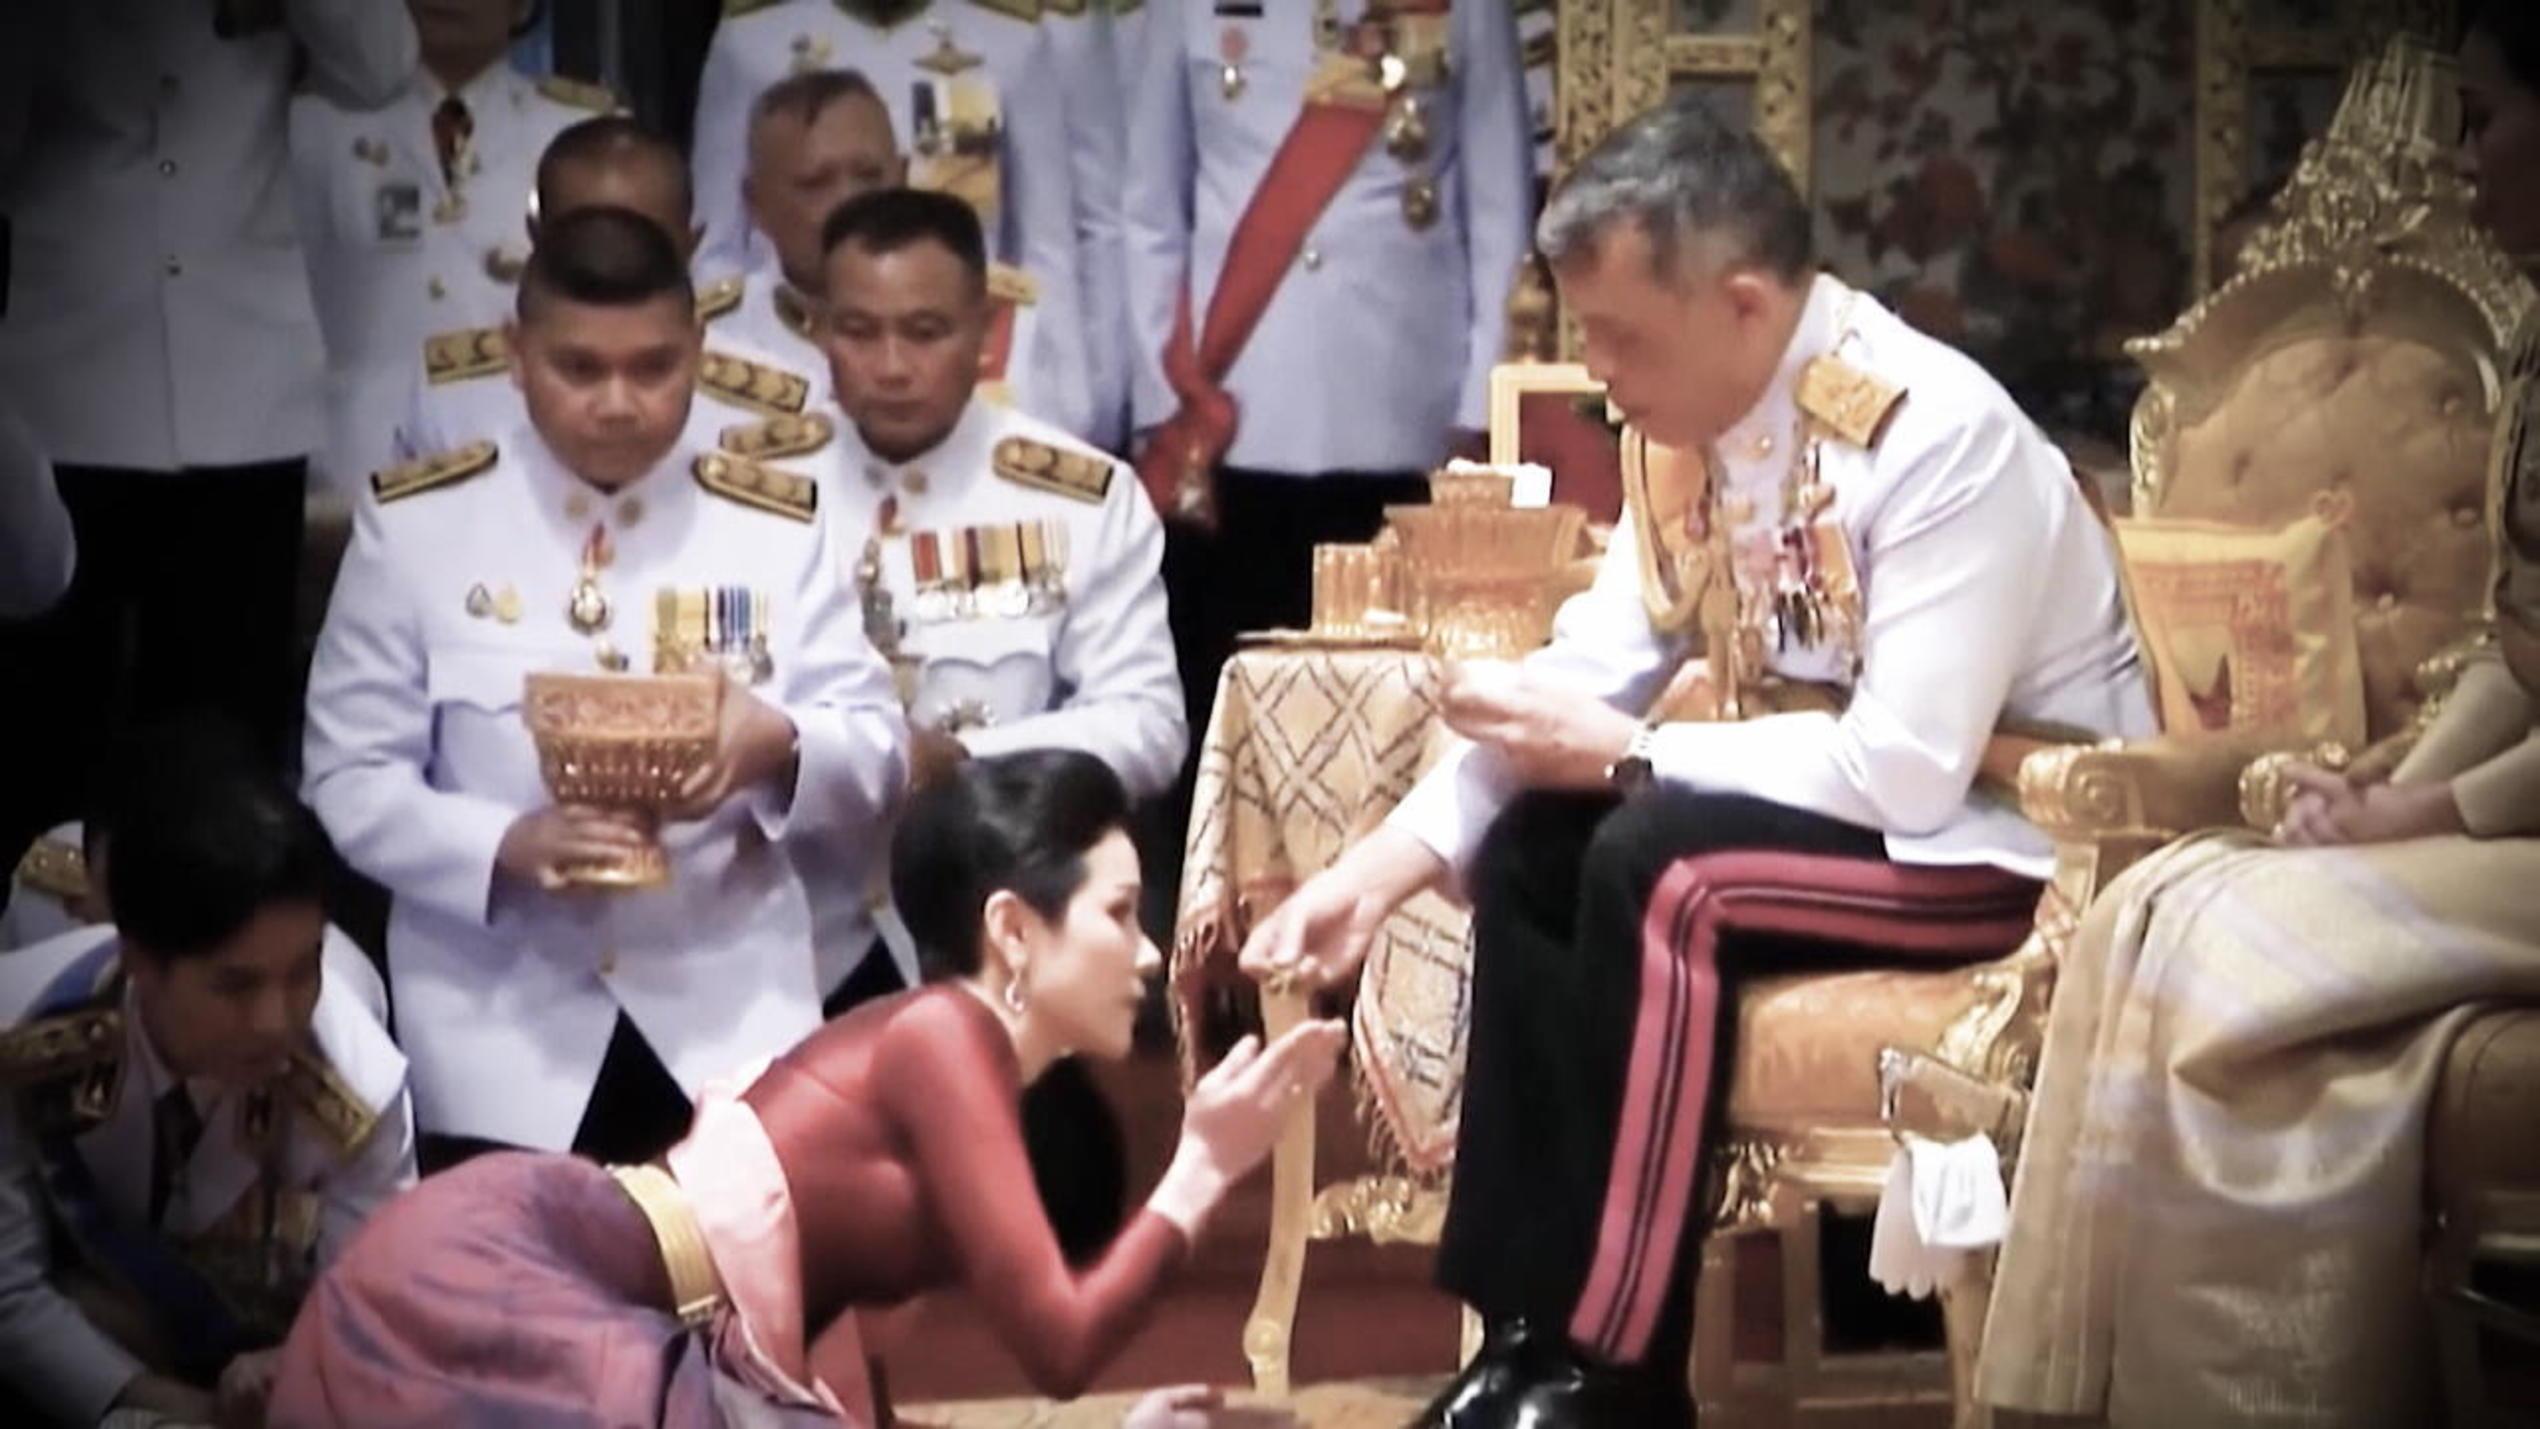 Thailand König Geliebte